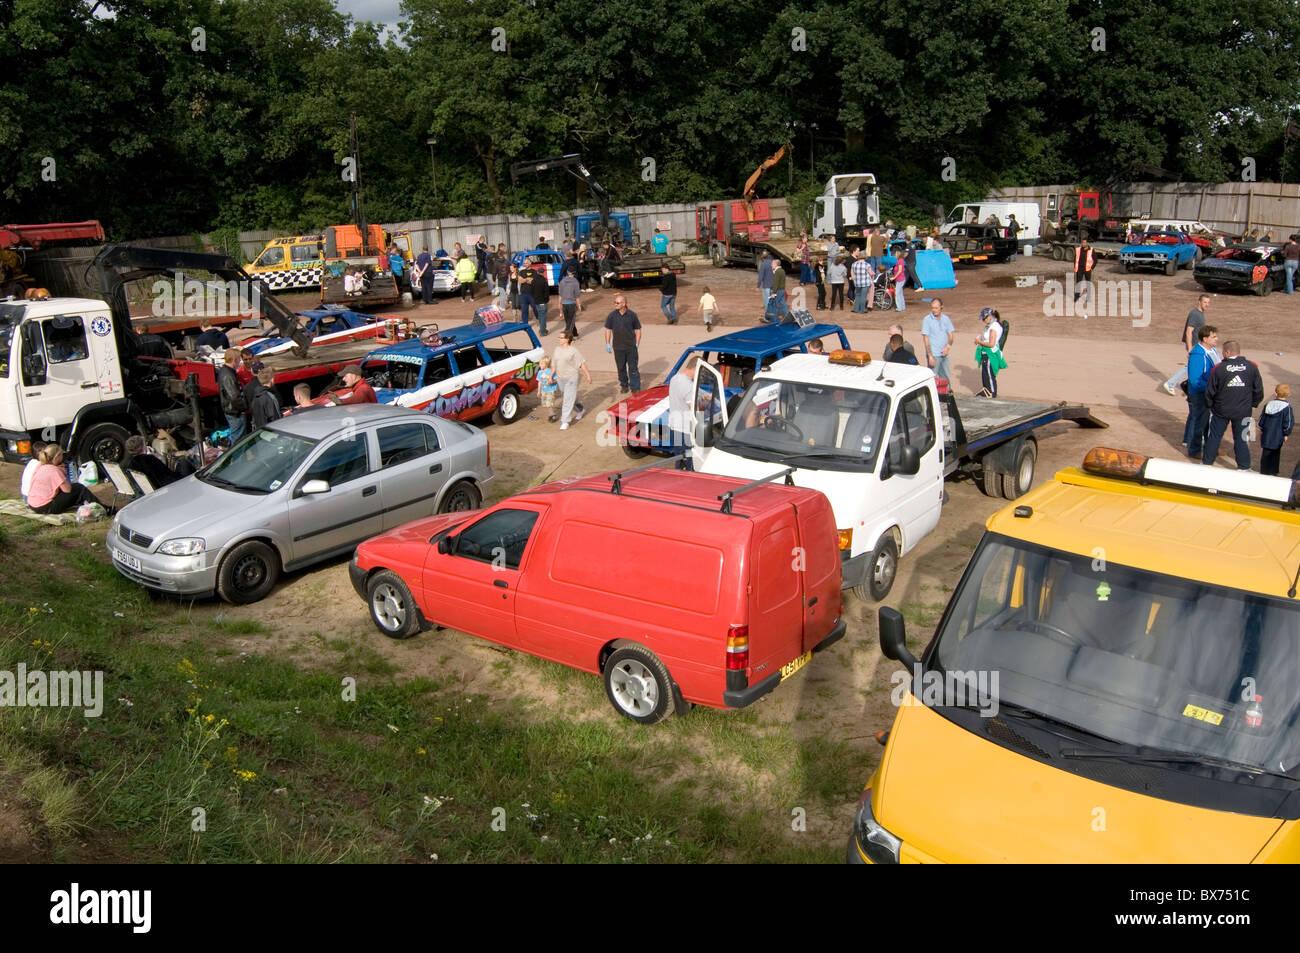 in the pits at stock car race races racing meeting scene repair repairs repairing banger racing car cars truck lorry - Stock Image